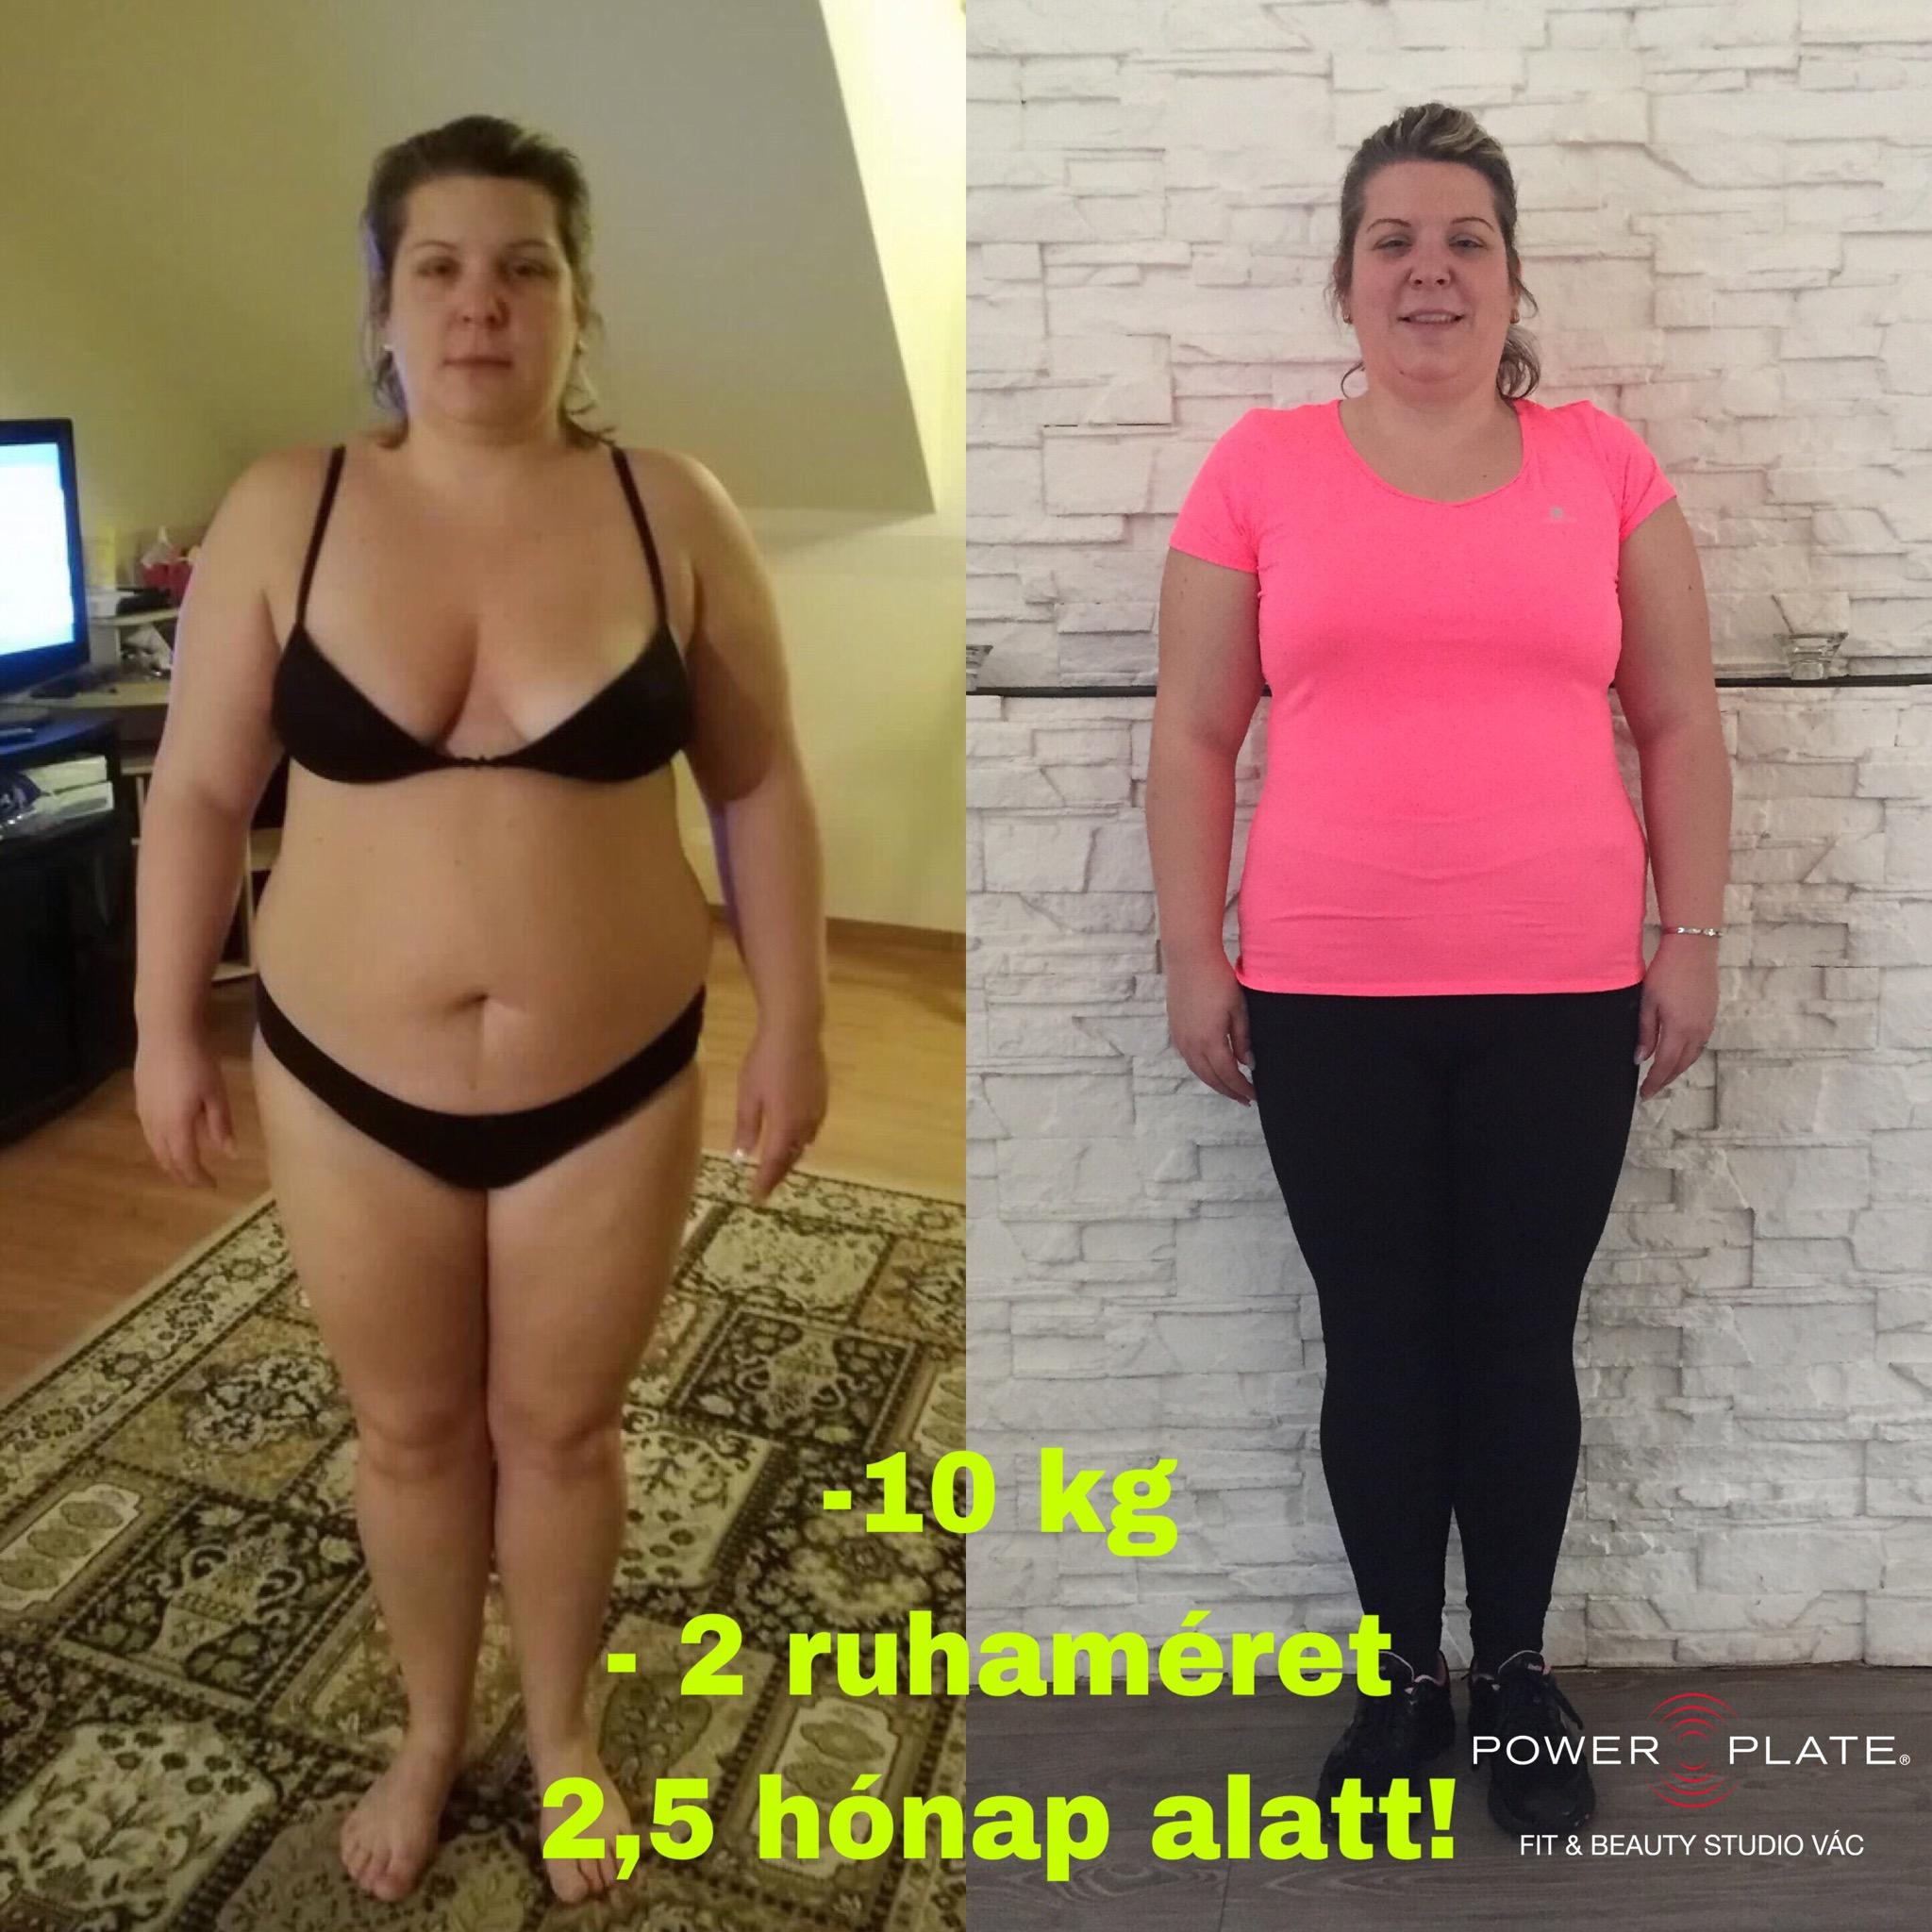 Elmondta, hogyan csinálta! 25 kilót fogyott 3 hónap alatt! - Blikk Rúzs